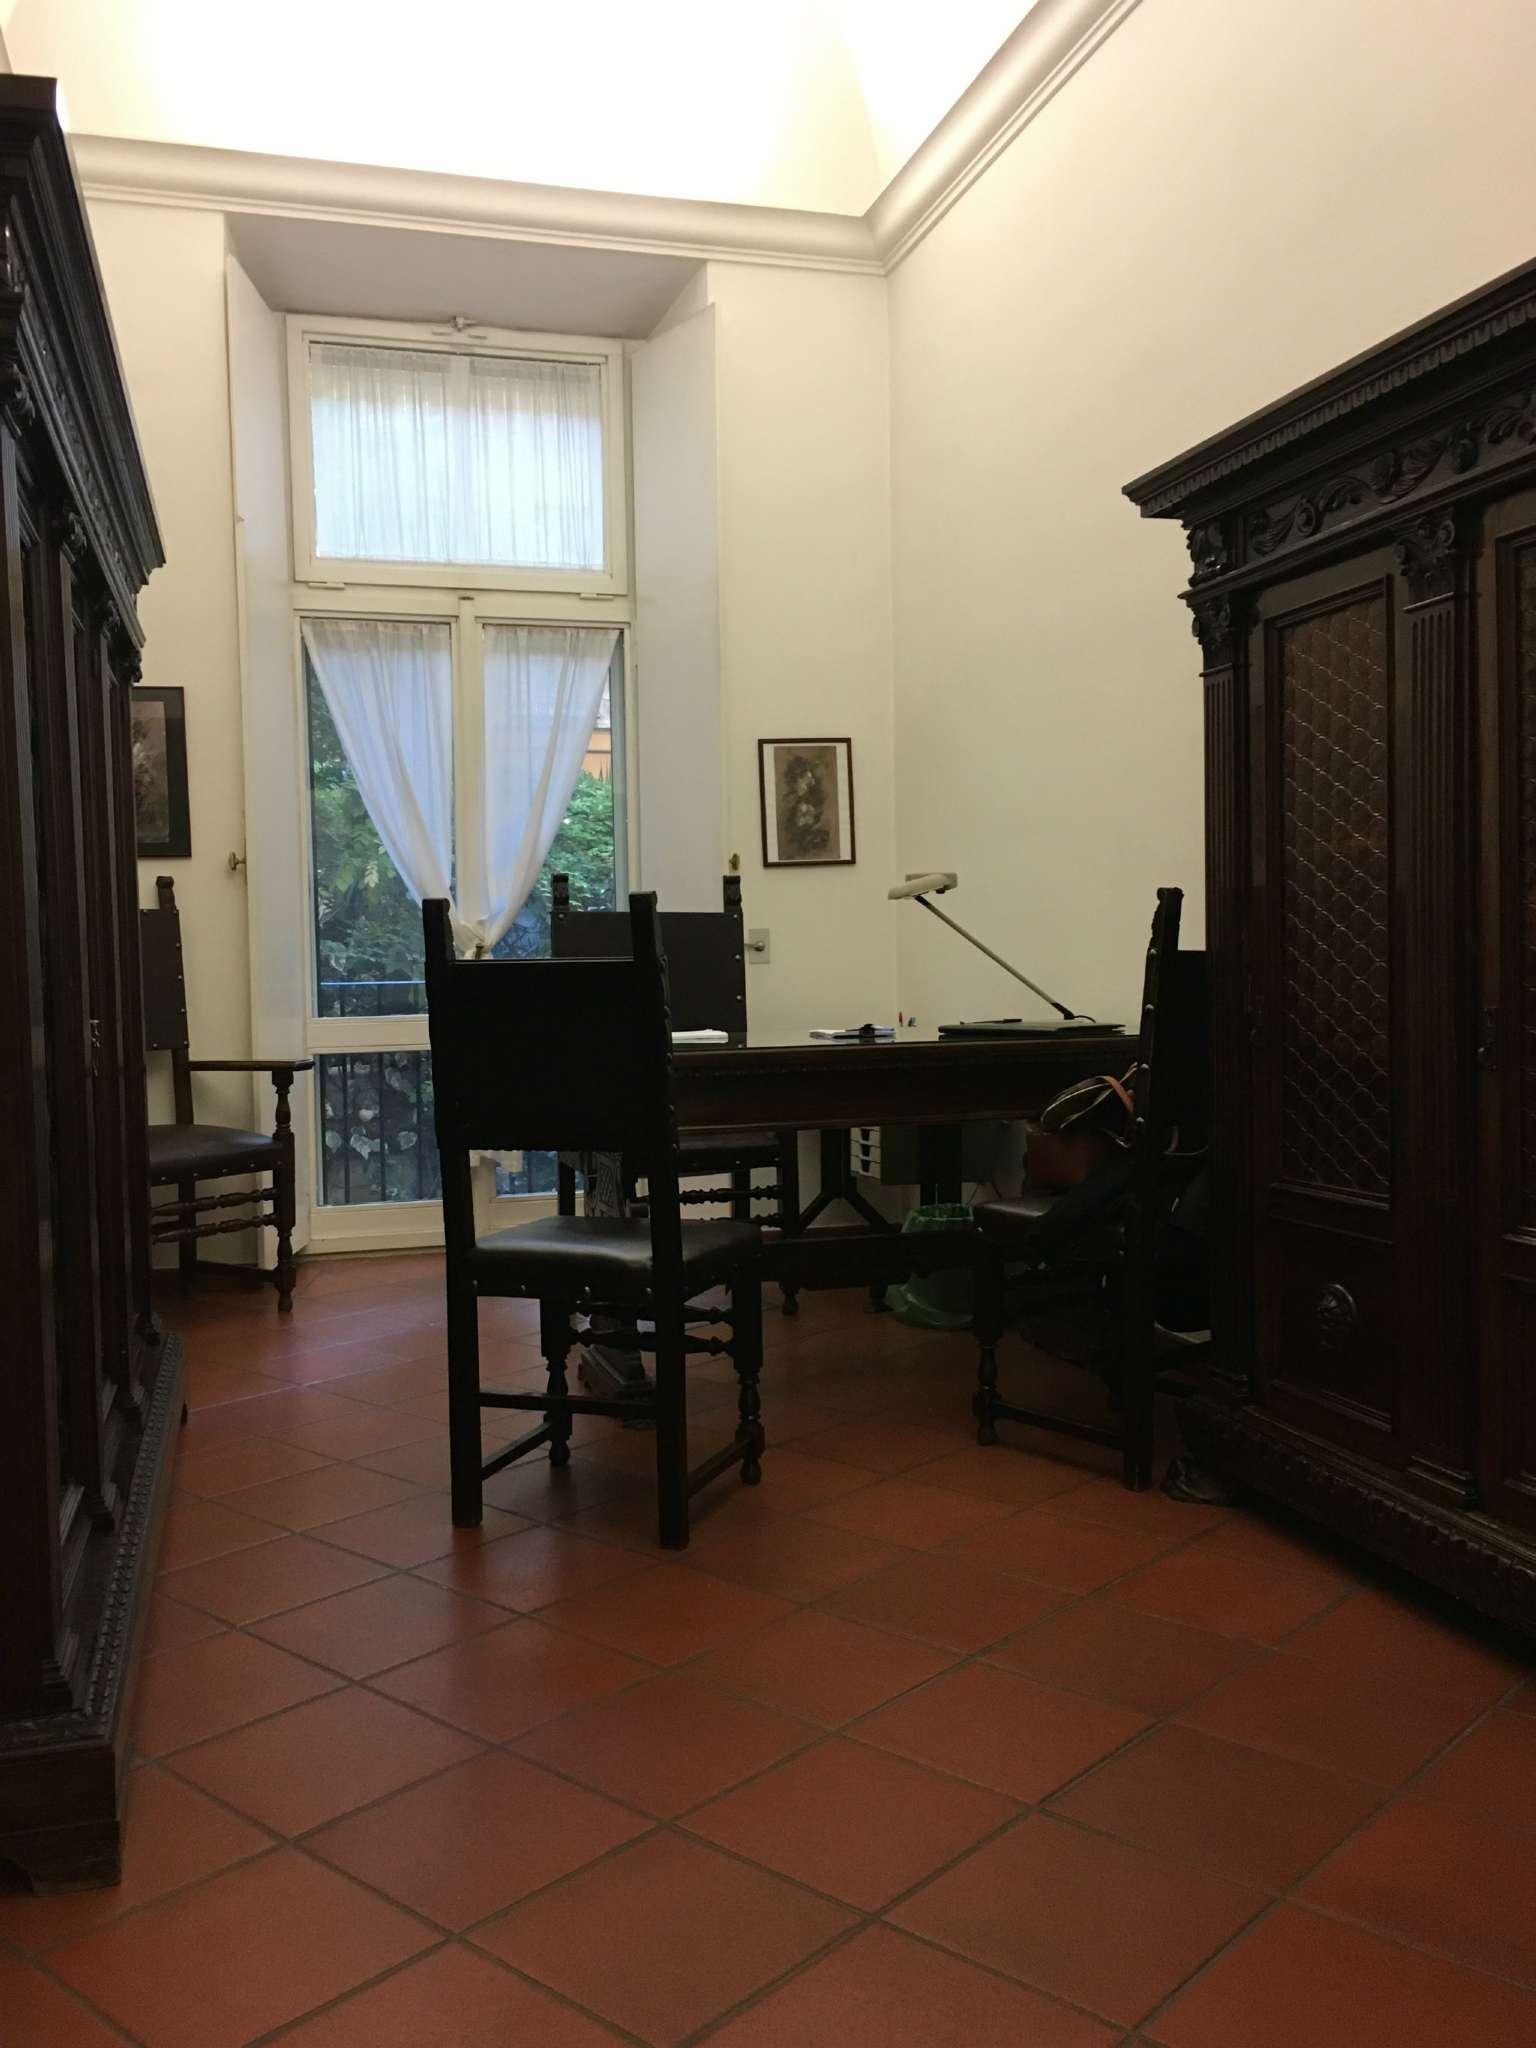 Ufficio studio roma affitto 4900 euro zona 30 26 03 2017 for Affitto ufficio roma zona prati